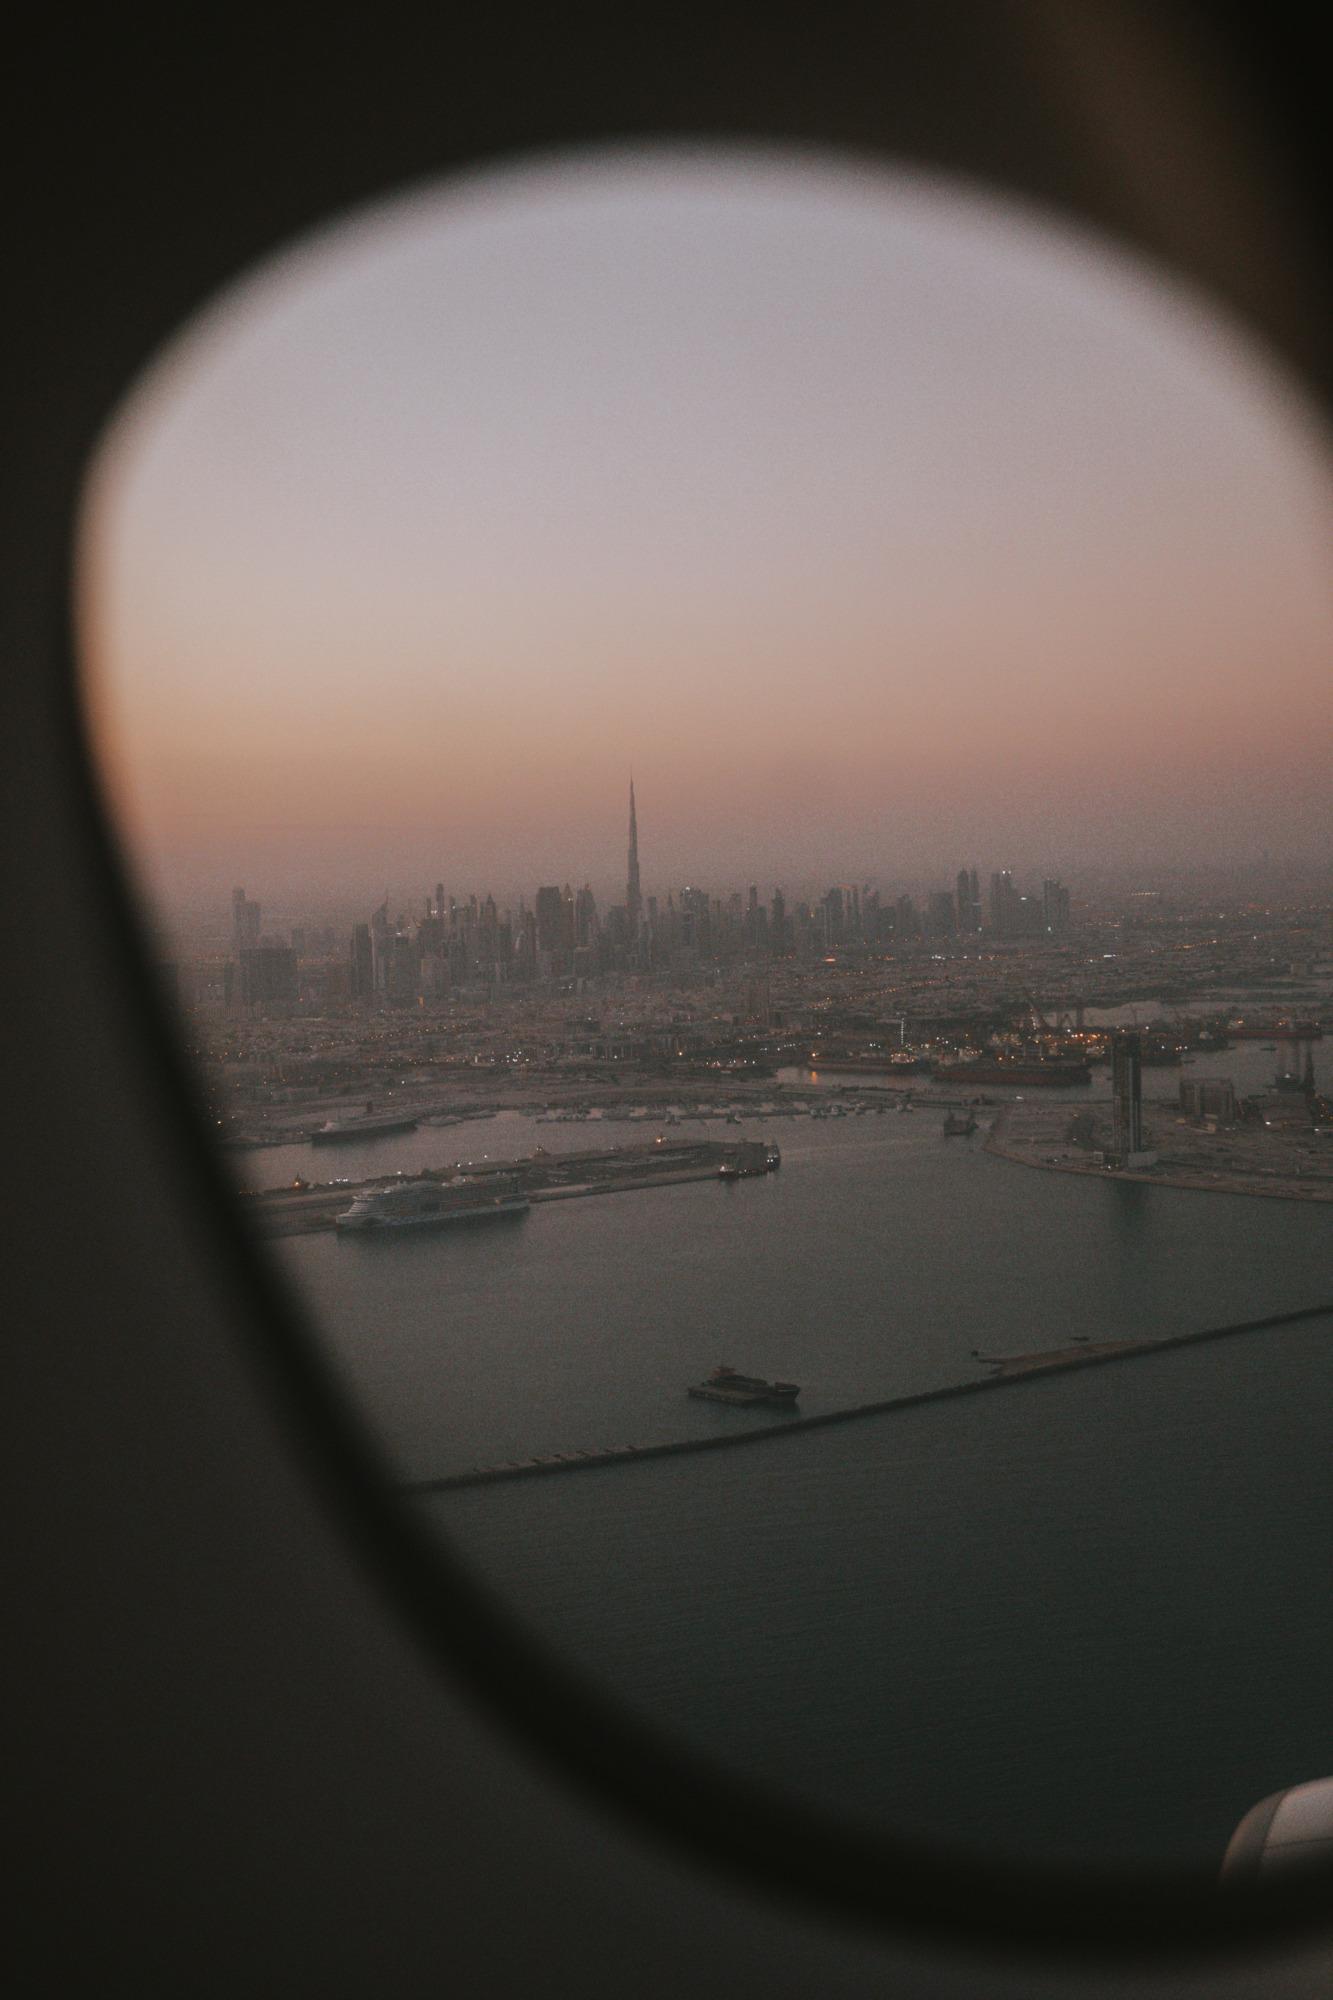 Emirates Dubaï - Blondie Baby blog voyages